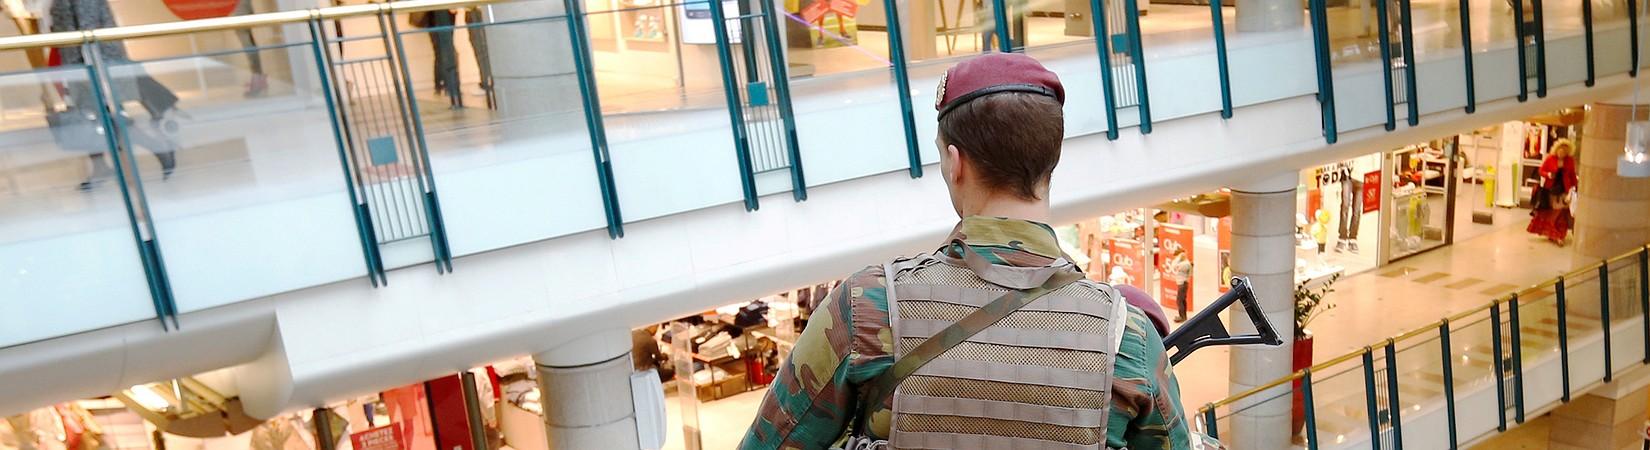 Detienen a un hombre con explosivos en un centro comercial de Bruselas